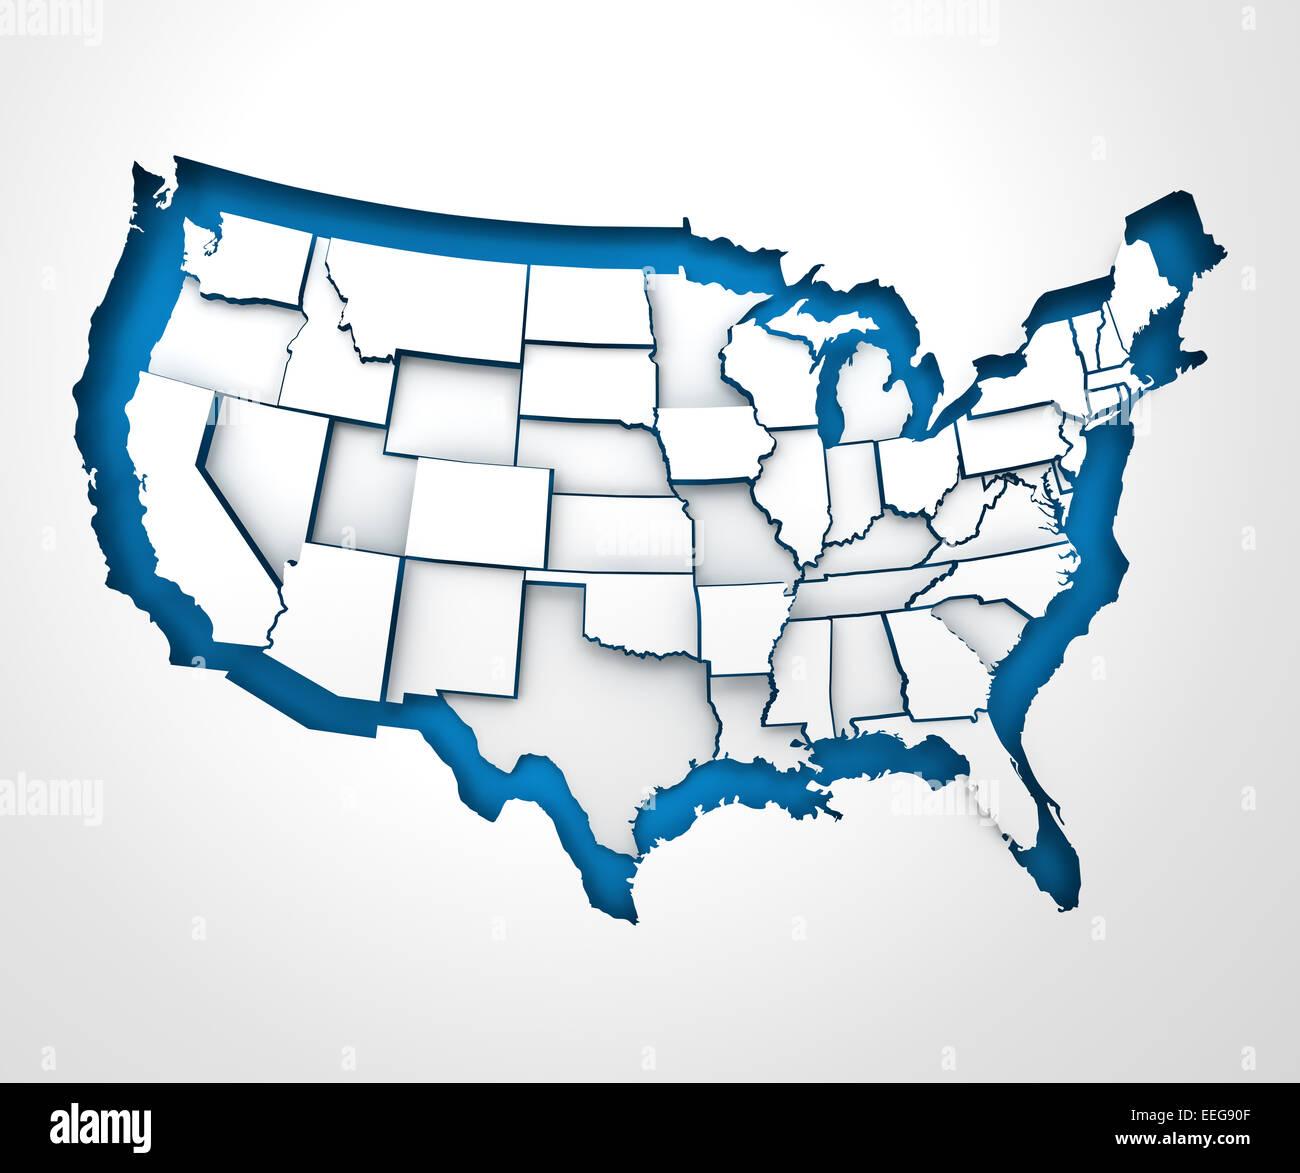 United States Map Border Stock Photos & United States Map Border ...